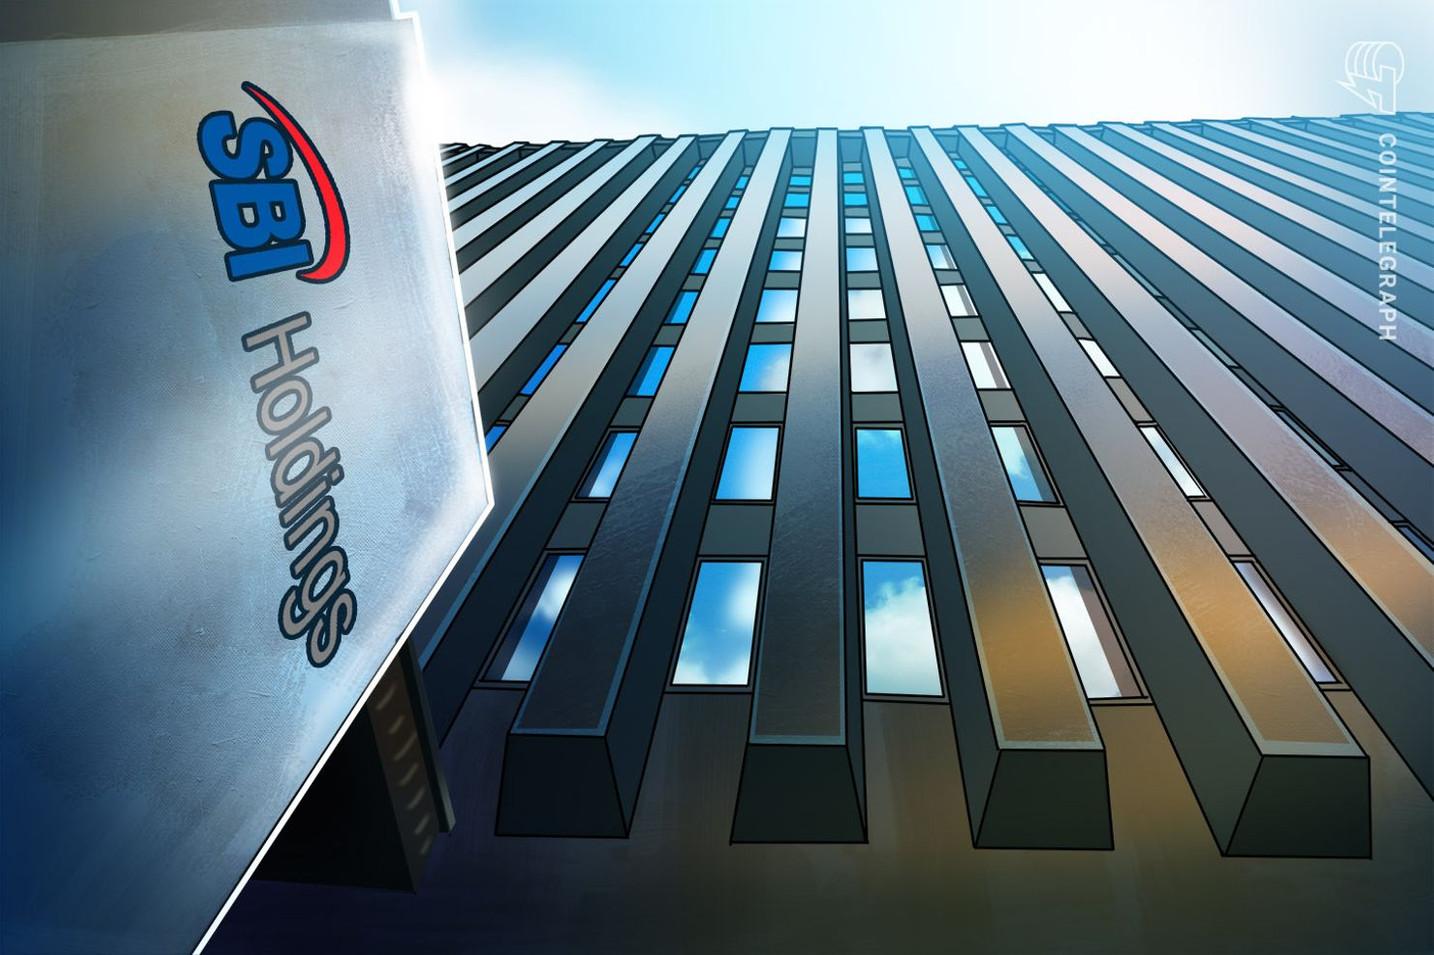 仮想通貨XRP(リップル)活用計画進めるマネータップに地銀13行が出資 SBI発表